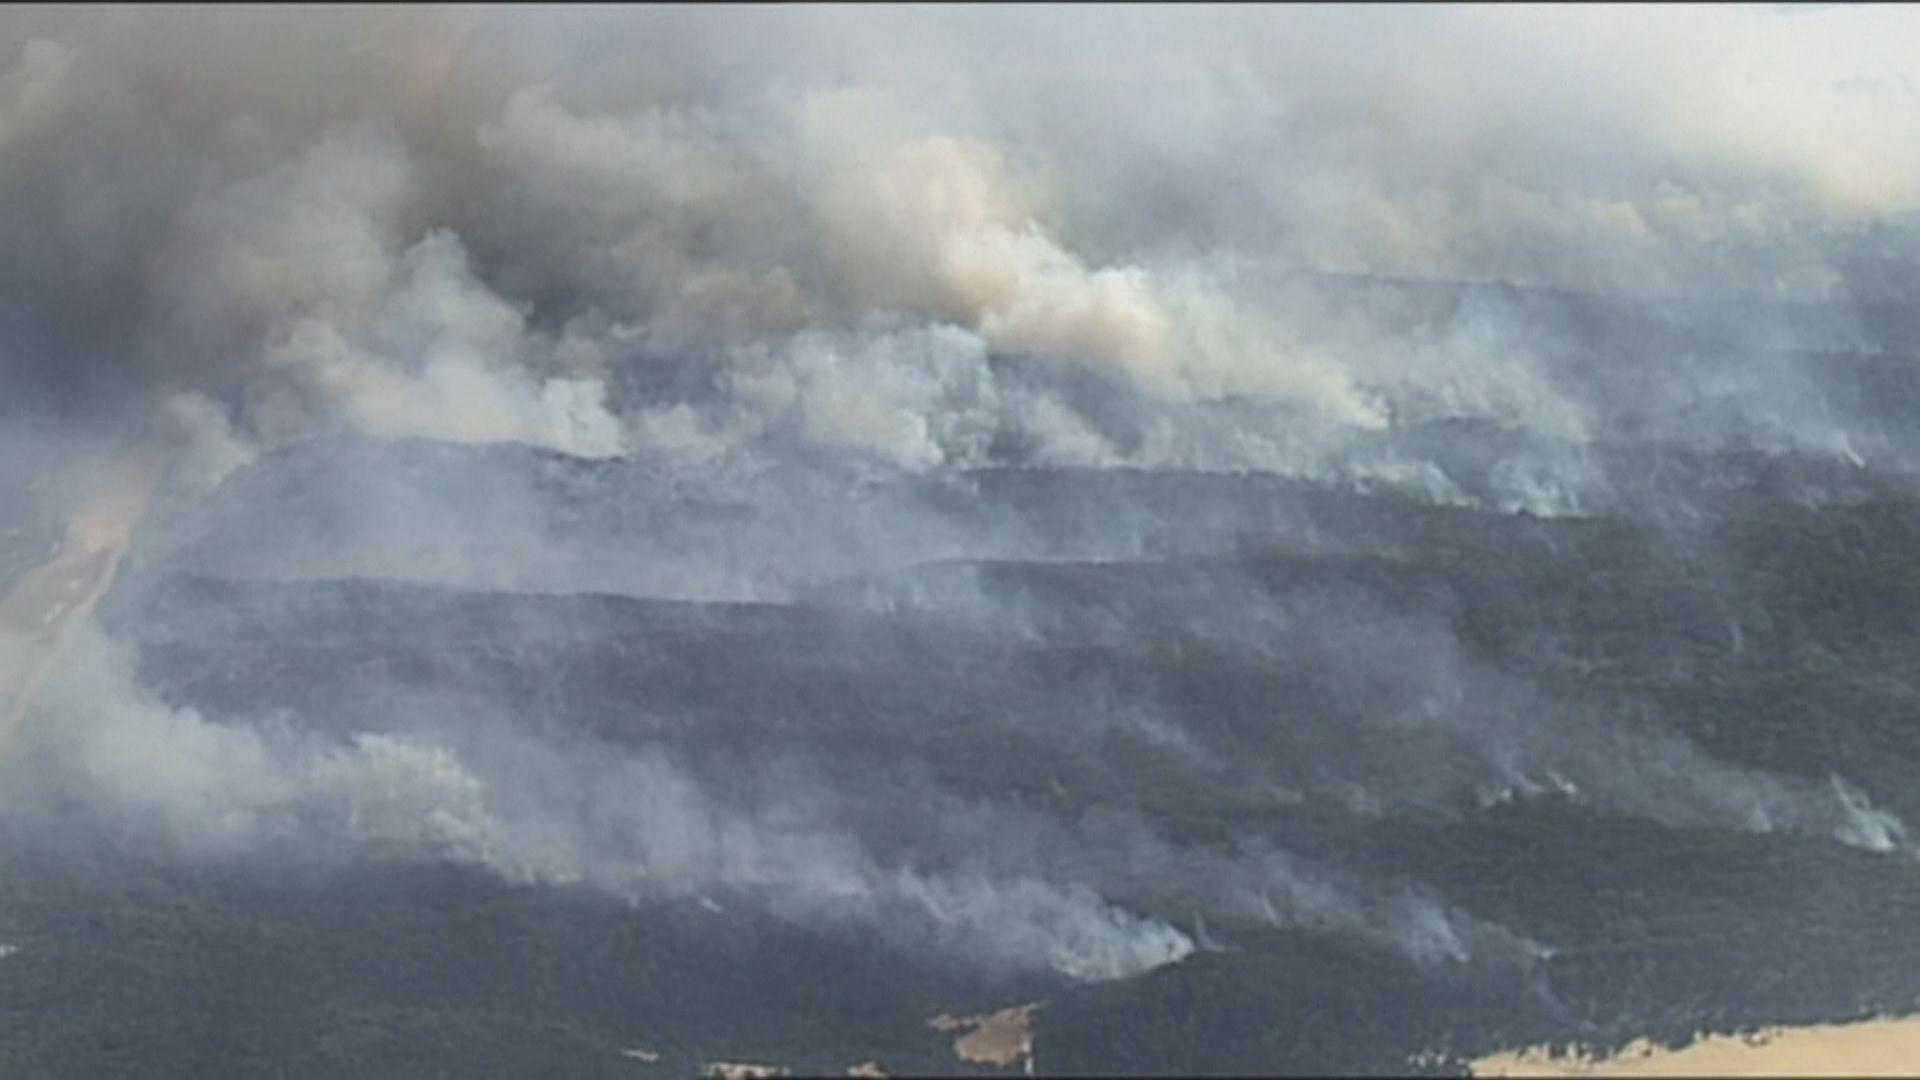 澳洲弗雷澤島山火達緊急警戒級別